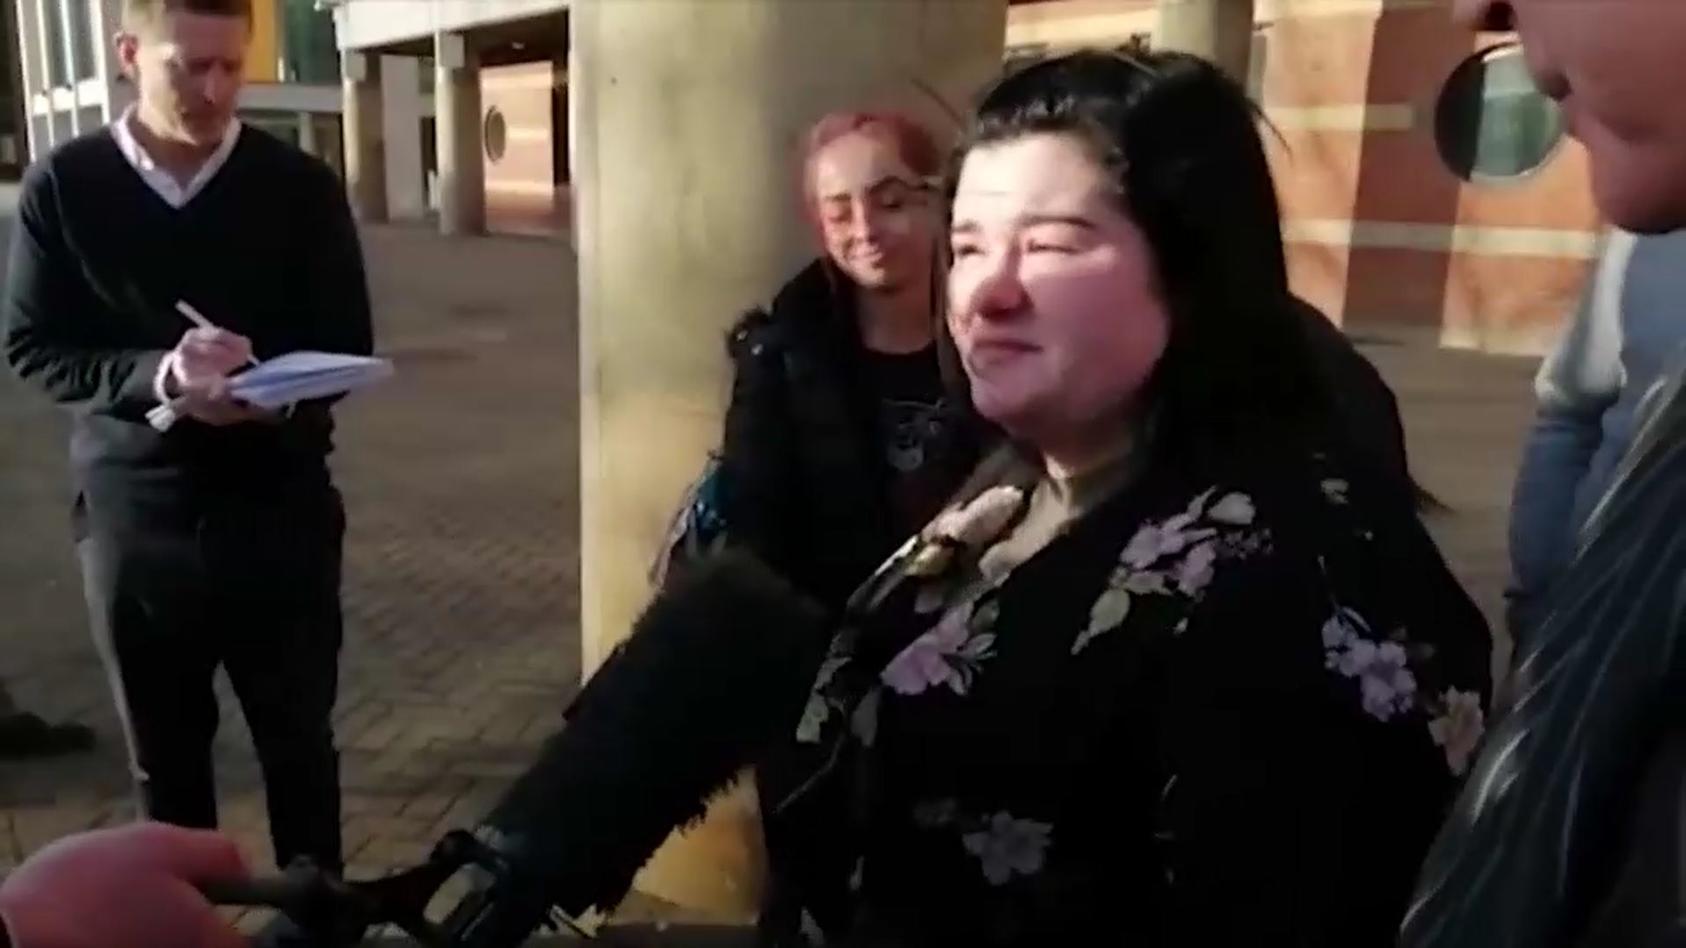 Tochter ersticht Vater und wird freigesprochen - Jessica Breeze tells of 'horrible' ordeal after being cleared of murdering her dad ; KRIMINALITÄT